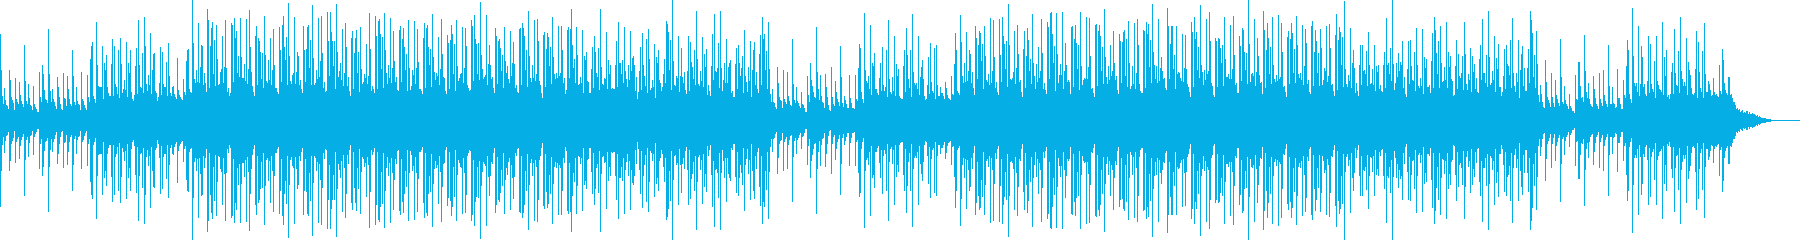 ゆったりなリラックス系エレクトロサウンドの再生済みの波形